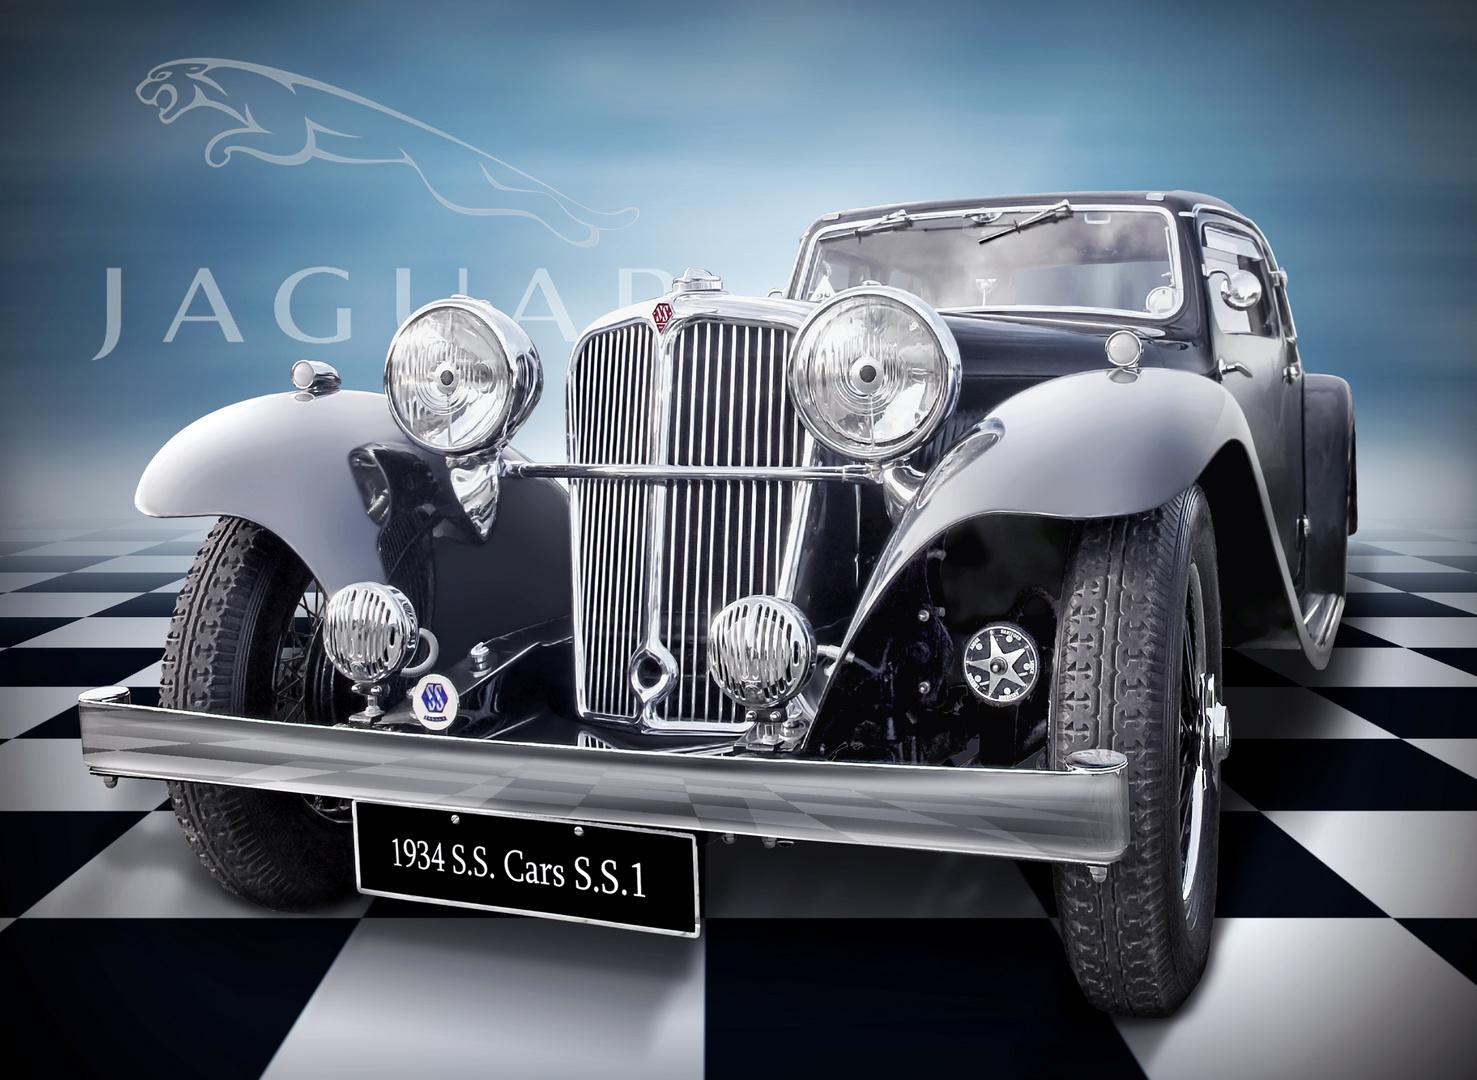 S.S. Cars Ltd SS1 ( ab 1945 Jaguar)